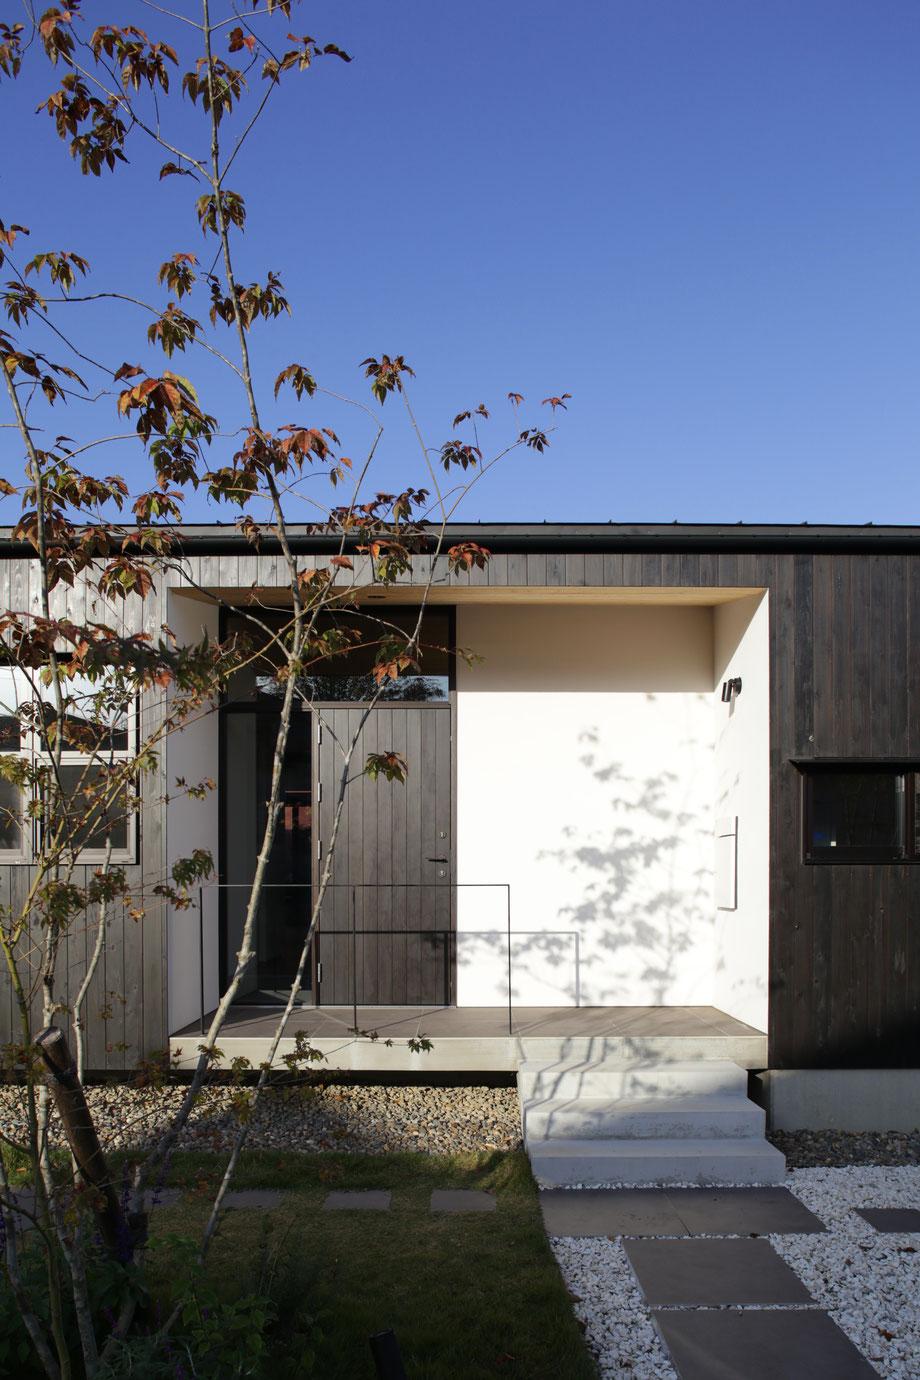 青空が綺麗な平屋建て 大判タイル貼り玄関とアプローチ